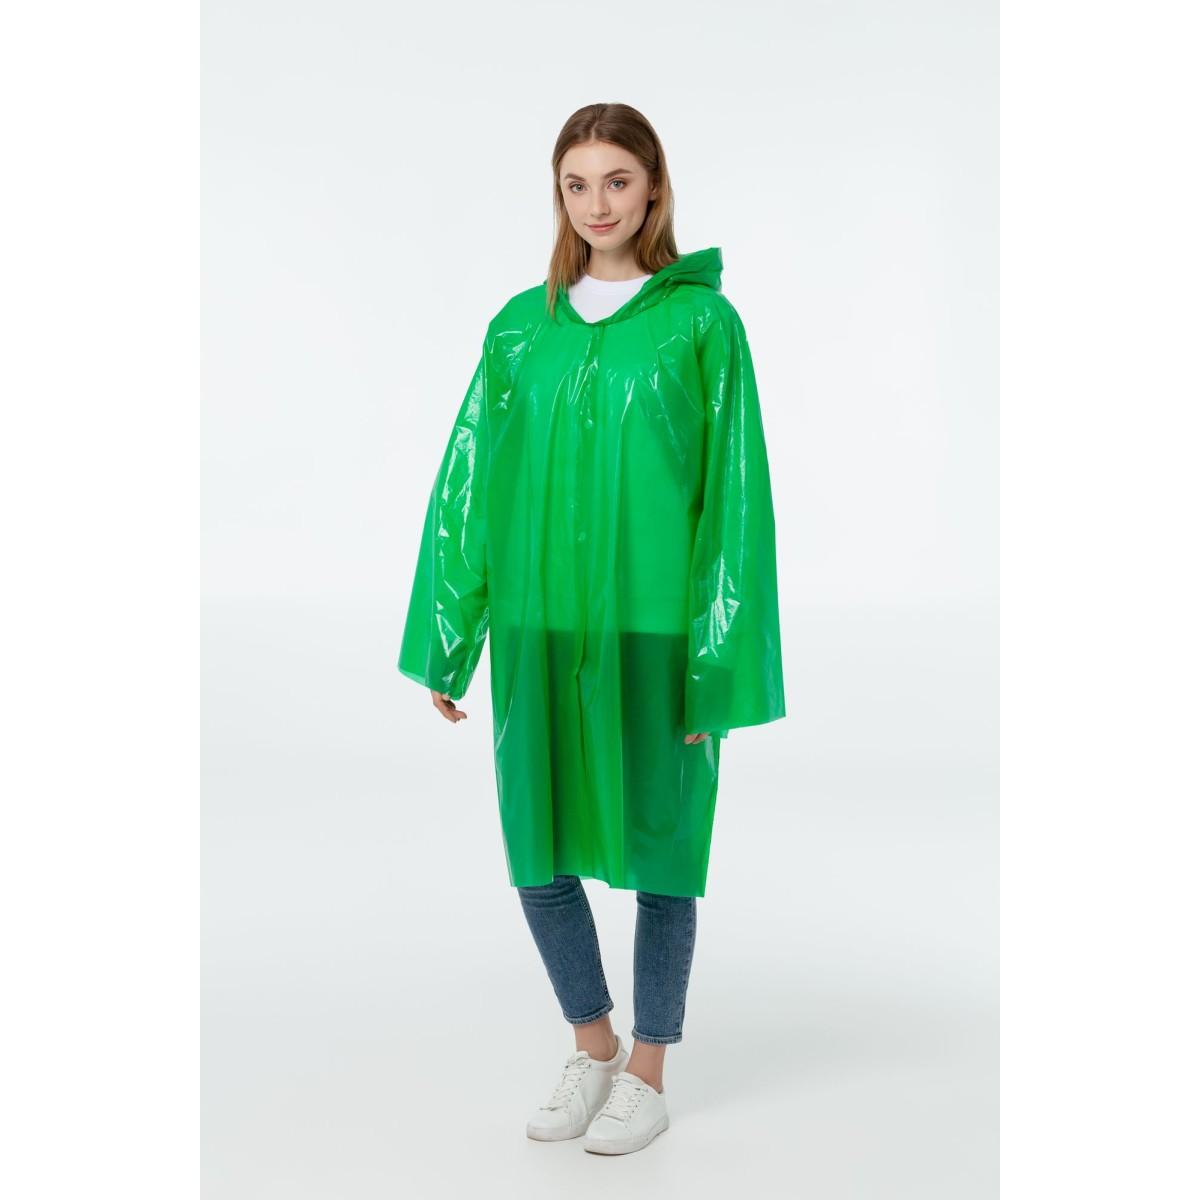 Дождевик-плащ BrightWay зеленый